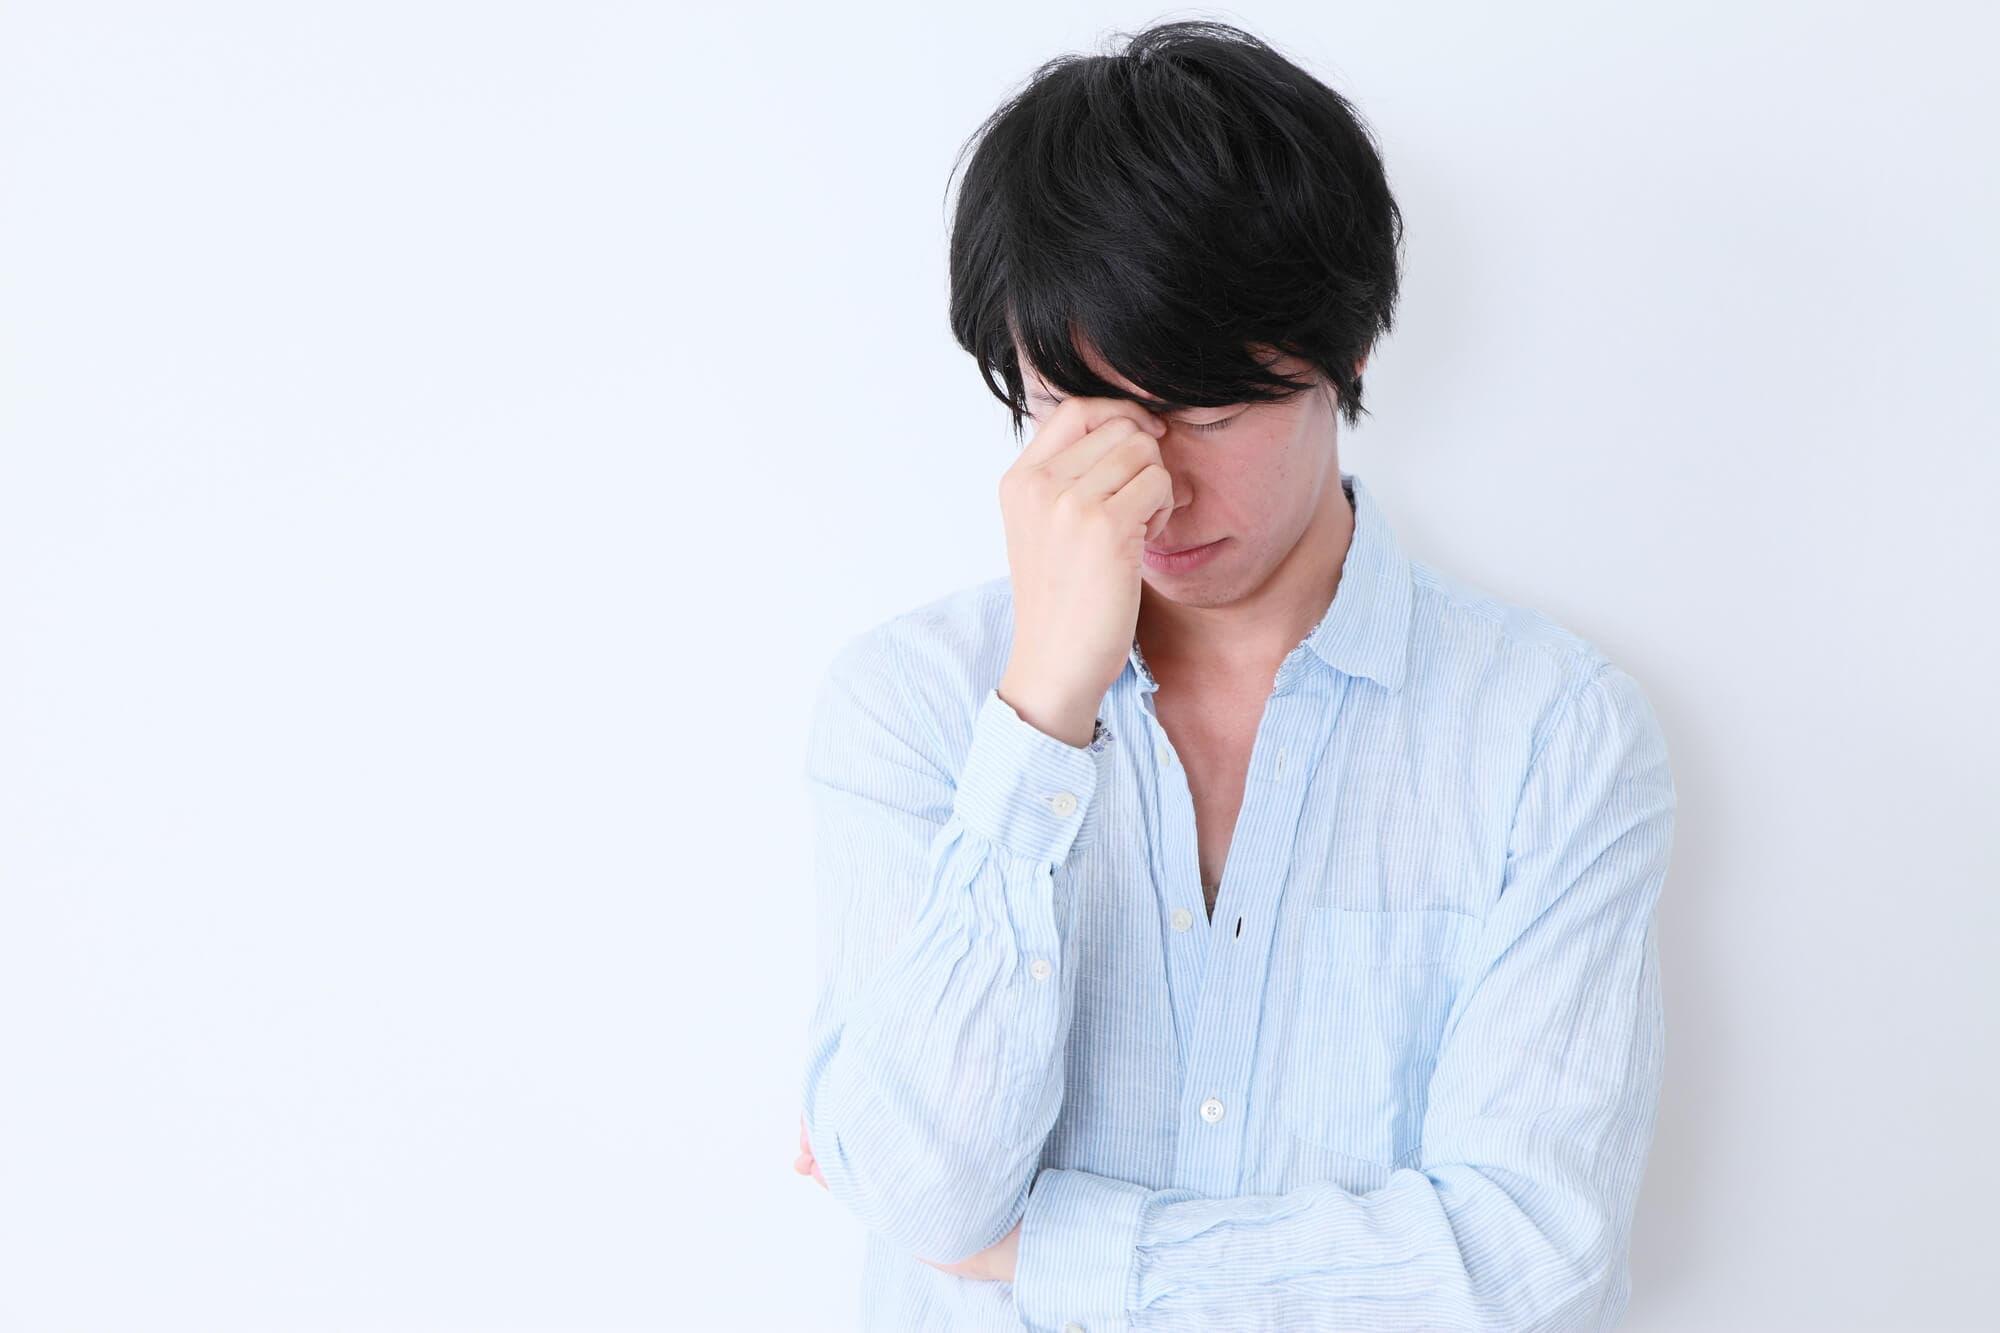 【男性編】男性が悩む精力減退の原因とは!?克服法はある?